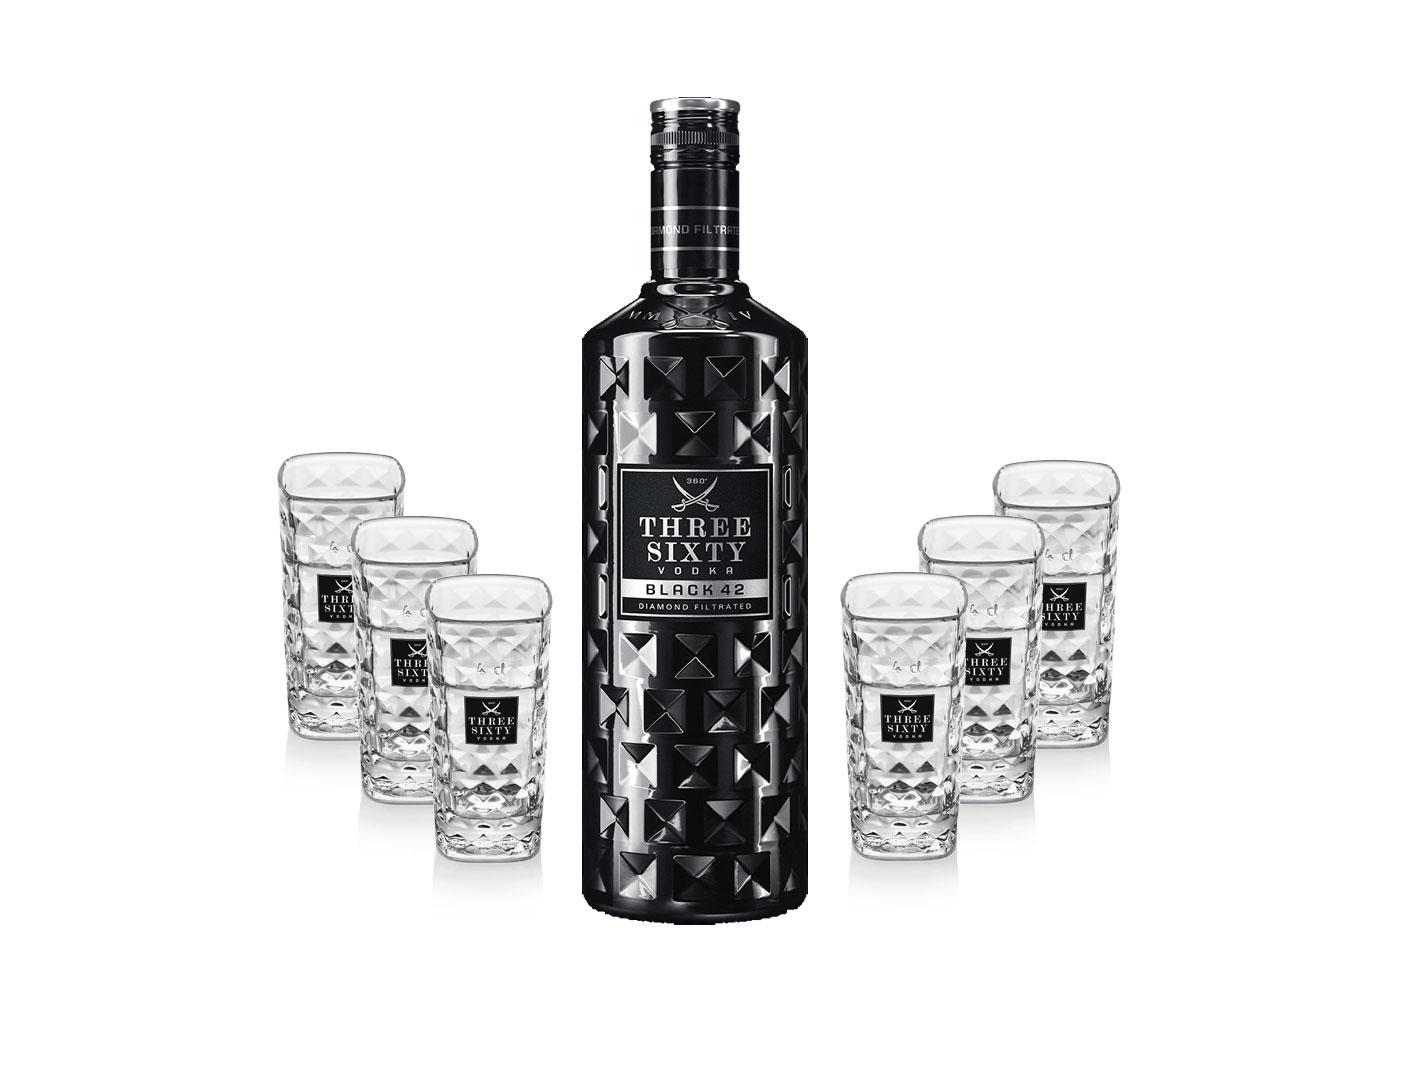 Three Sixty Set Geschenkset - Three Sixty Black Vodka Wodka 0,7L 700ml (42% Vol) + 6x Shotgläser Glas 2 und 4cl geeicht- [Enthält Sulfite]